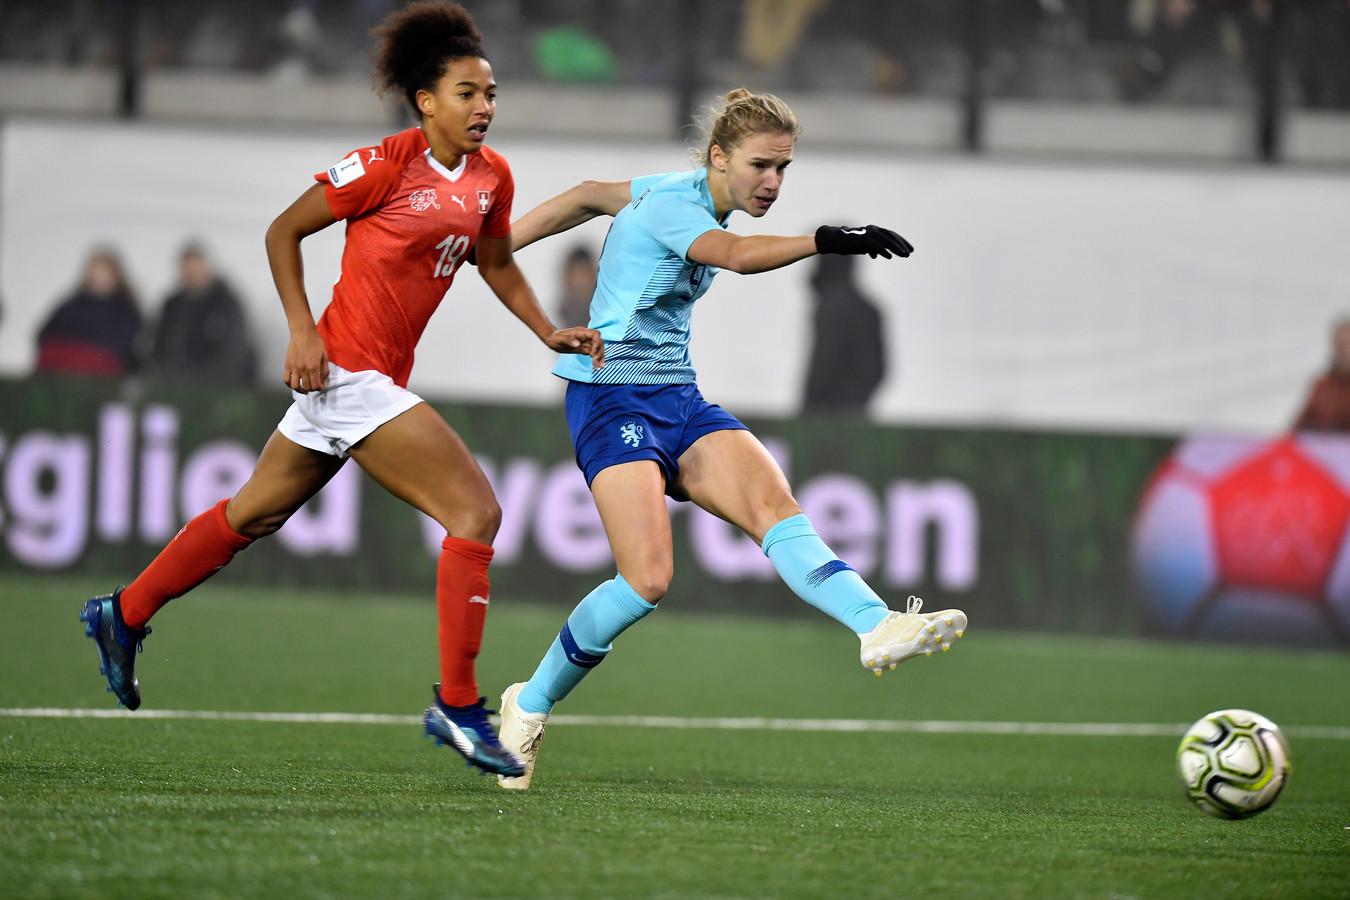 De 22-jarige Vivianne Miedema maakte vanavond alweer haar 53ste goal in 66 interlands voor Nederland.